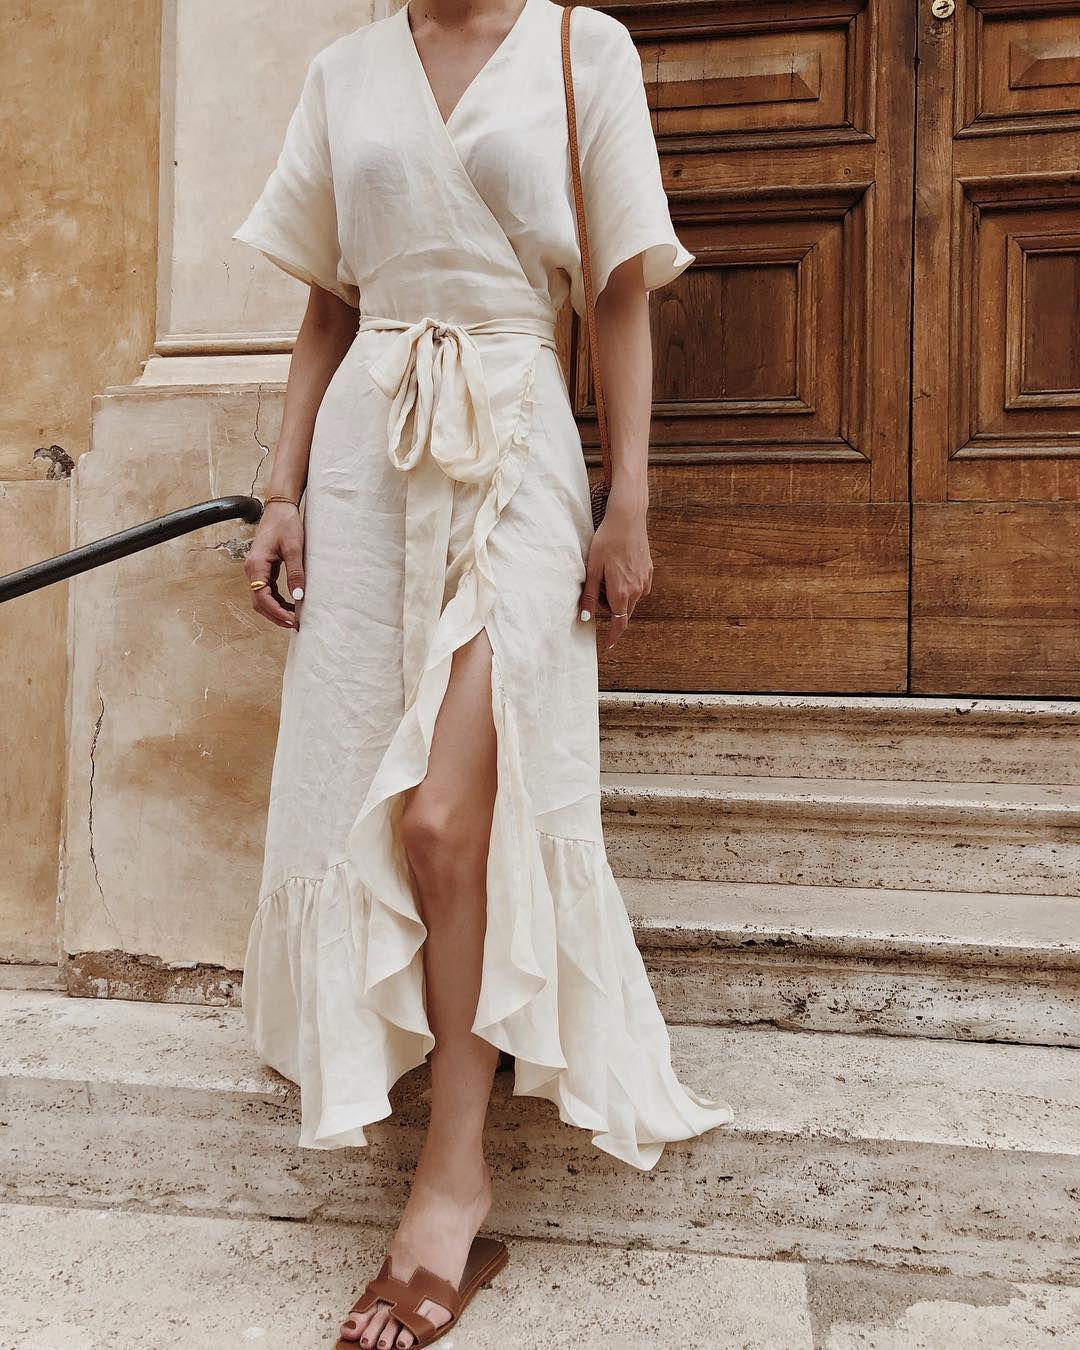 Thiết kế váy bay bổng tạo dáng vẻ thướt tha, mềm mại khi di chuyển